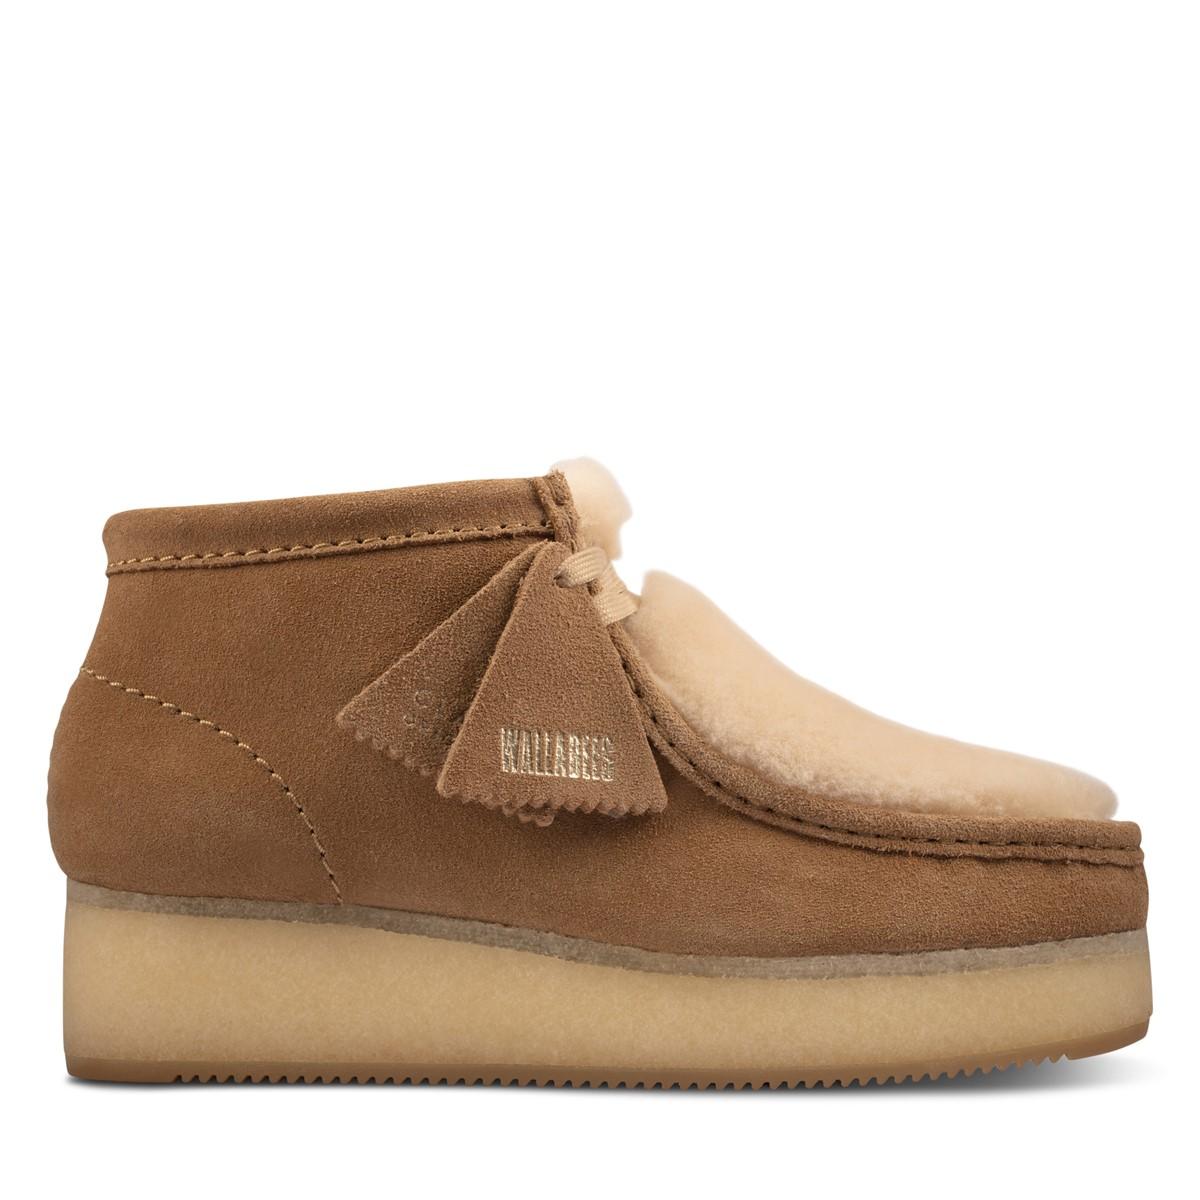 Chaussures Wallabees compensées brun clair pour femmes